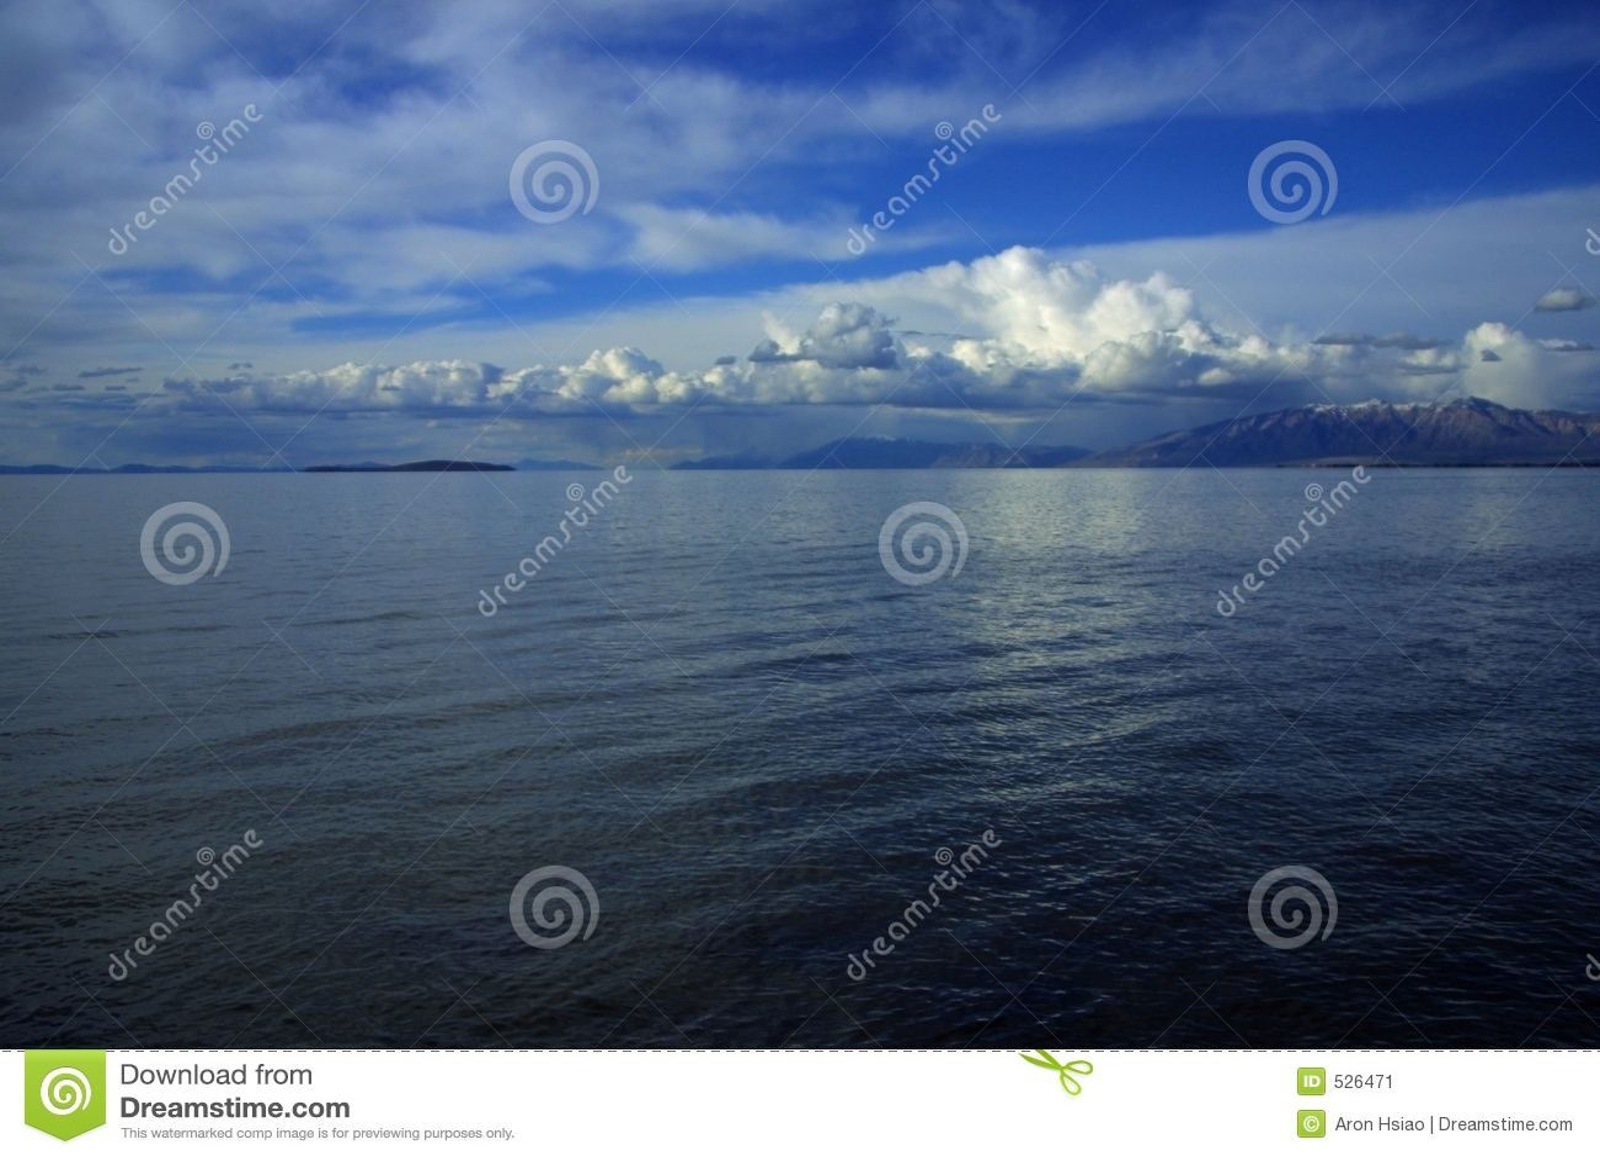 Nubes, cielo, agua, y montañas